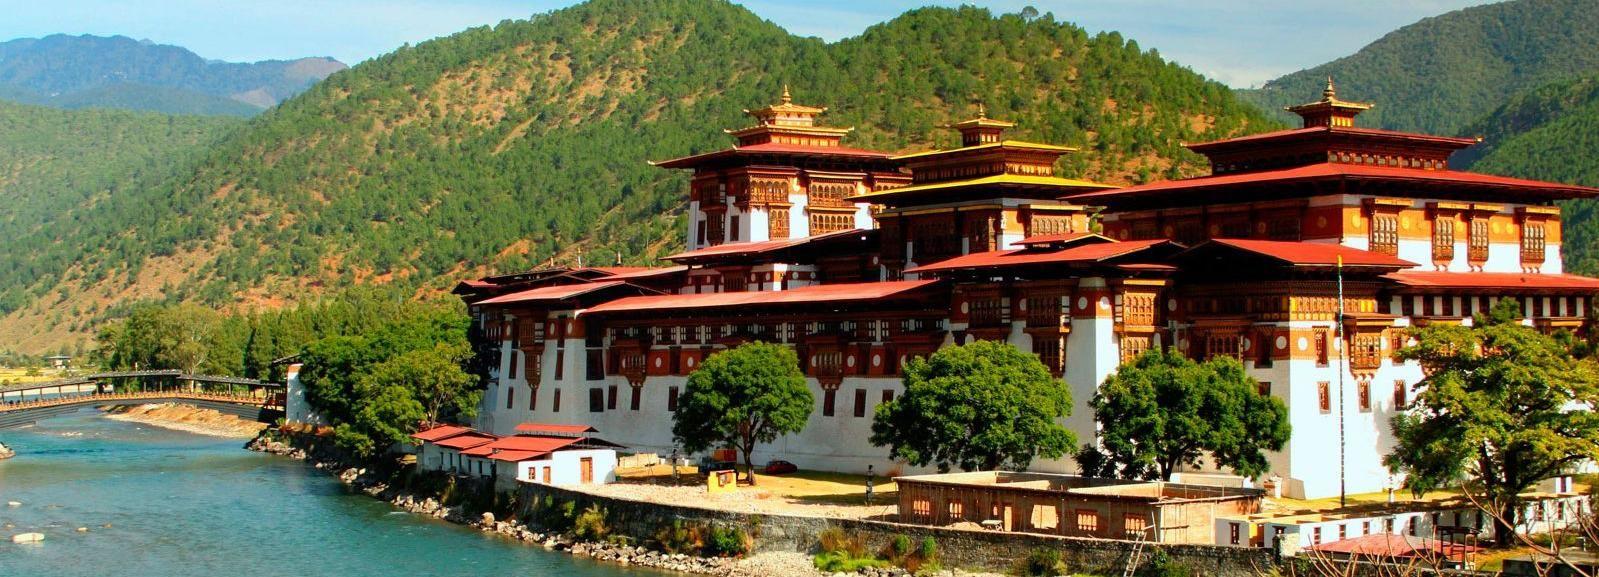 Bhutan: 2-Night Private Tour of Thimpu and Monasteries